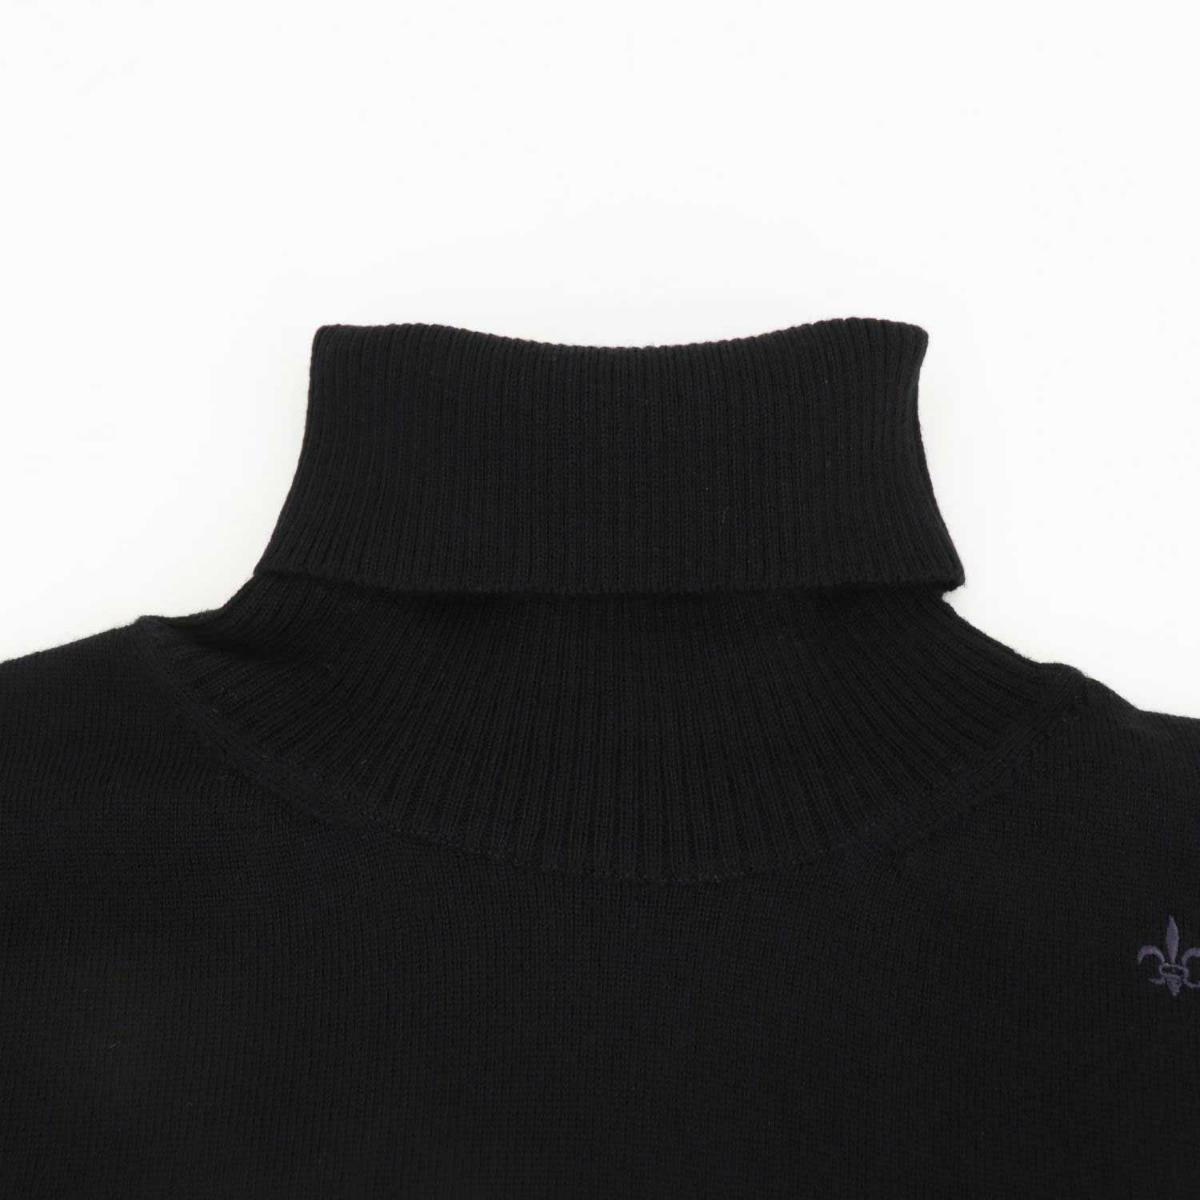 スウィープ ロサンゼルス Sweep!! LosAngeles メンズ ウール タートルネックセーター 12G SL190001 BLACK (ブラック)